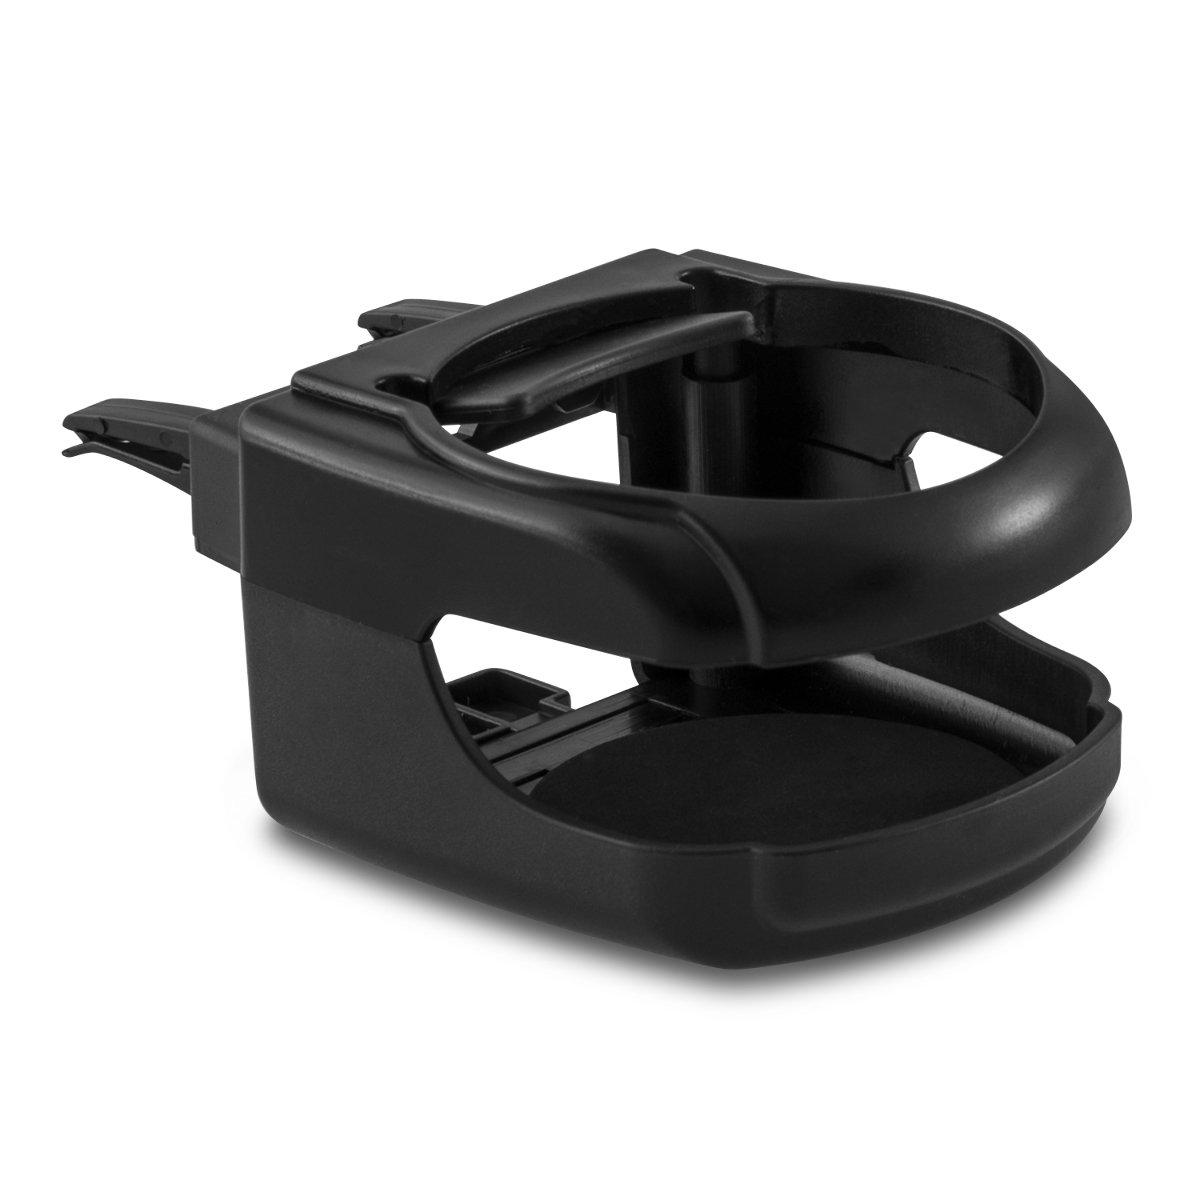 kwmobile Porte-Boissons pour Fente d'aération de la Voiture en Noir - Voiture Auto Porte-gobelet Fente d'aération